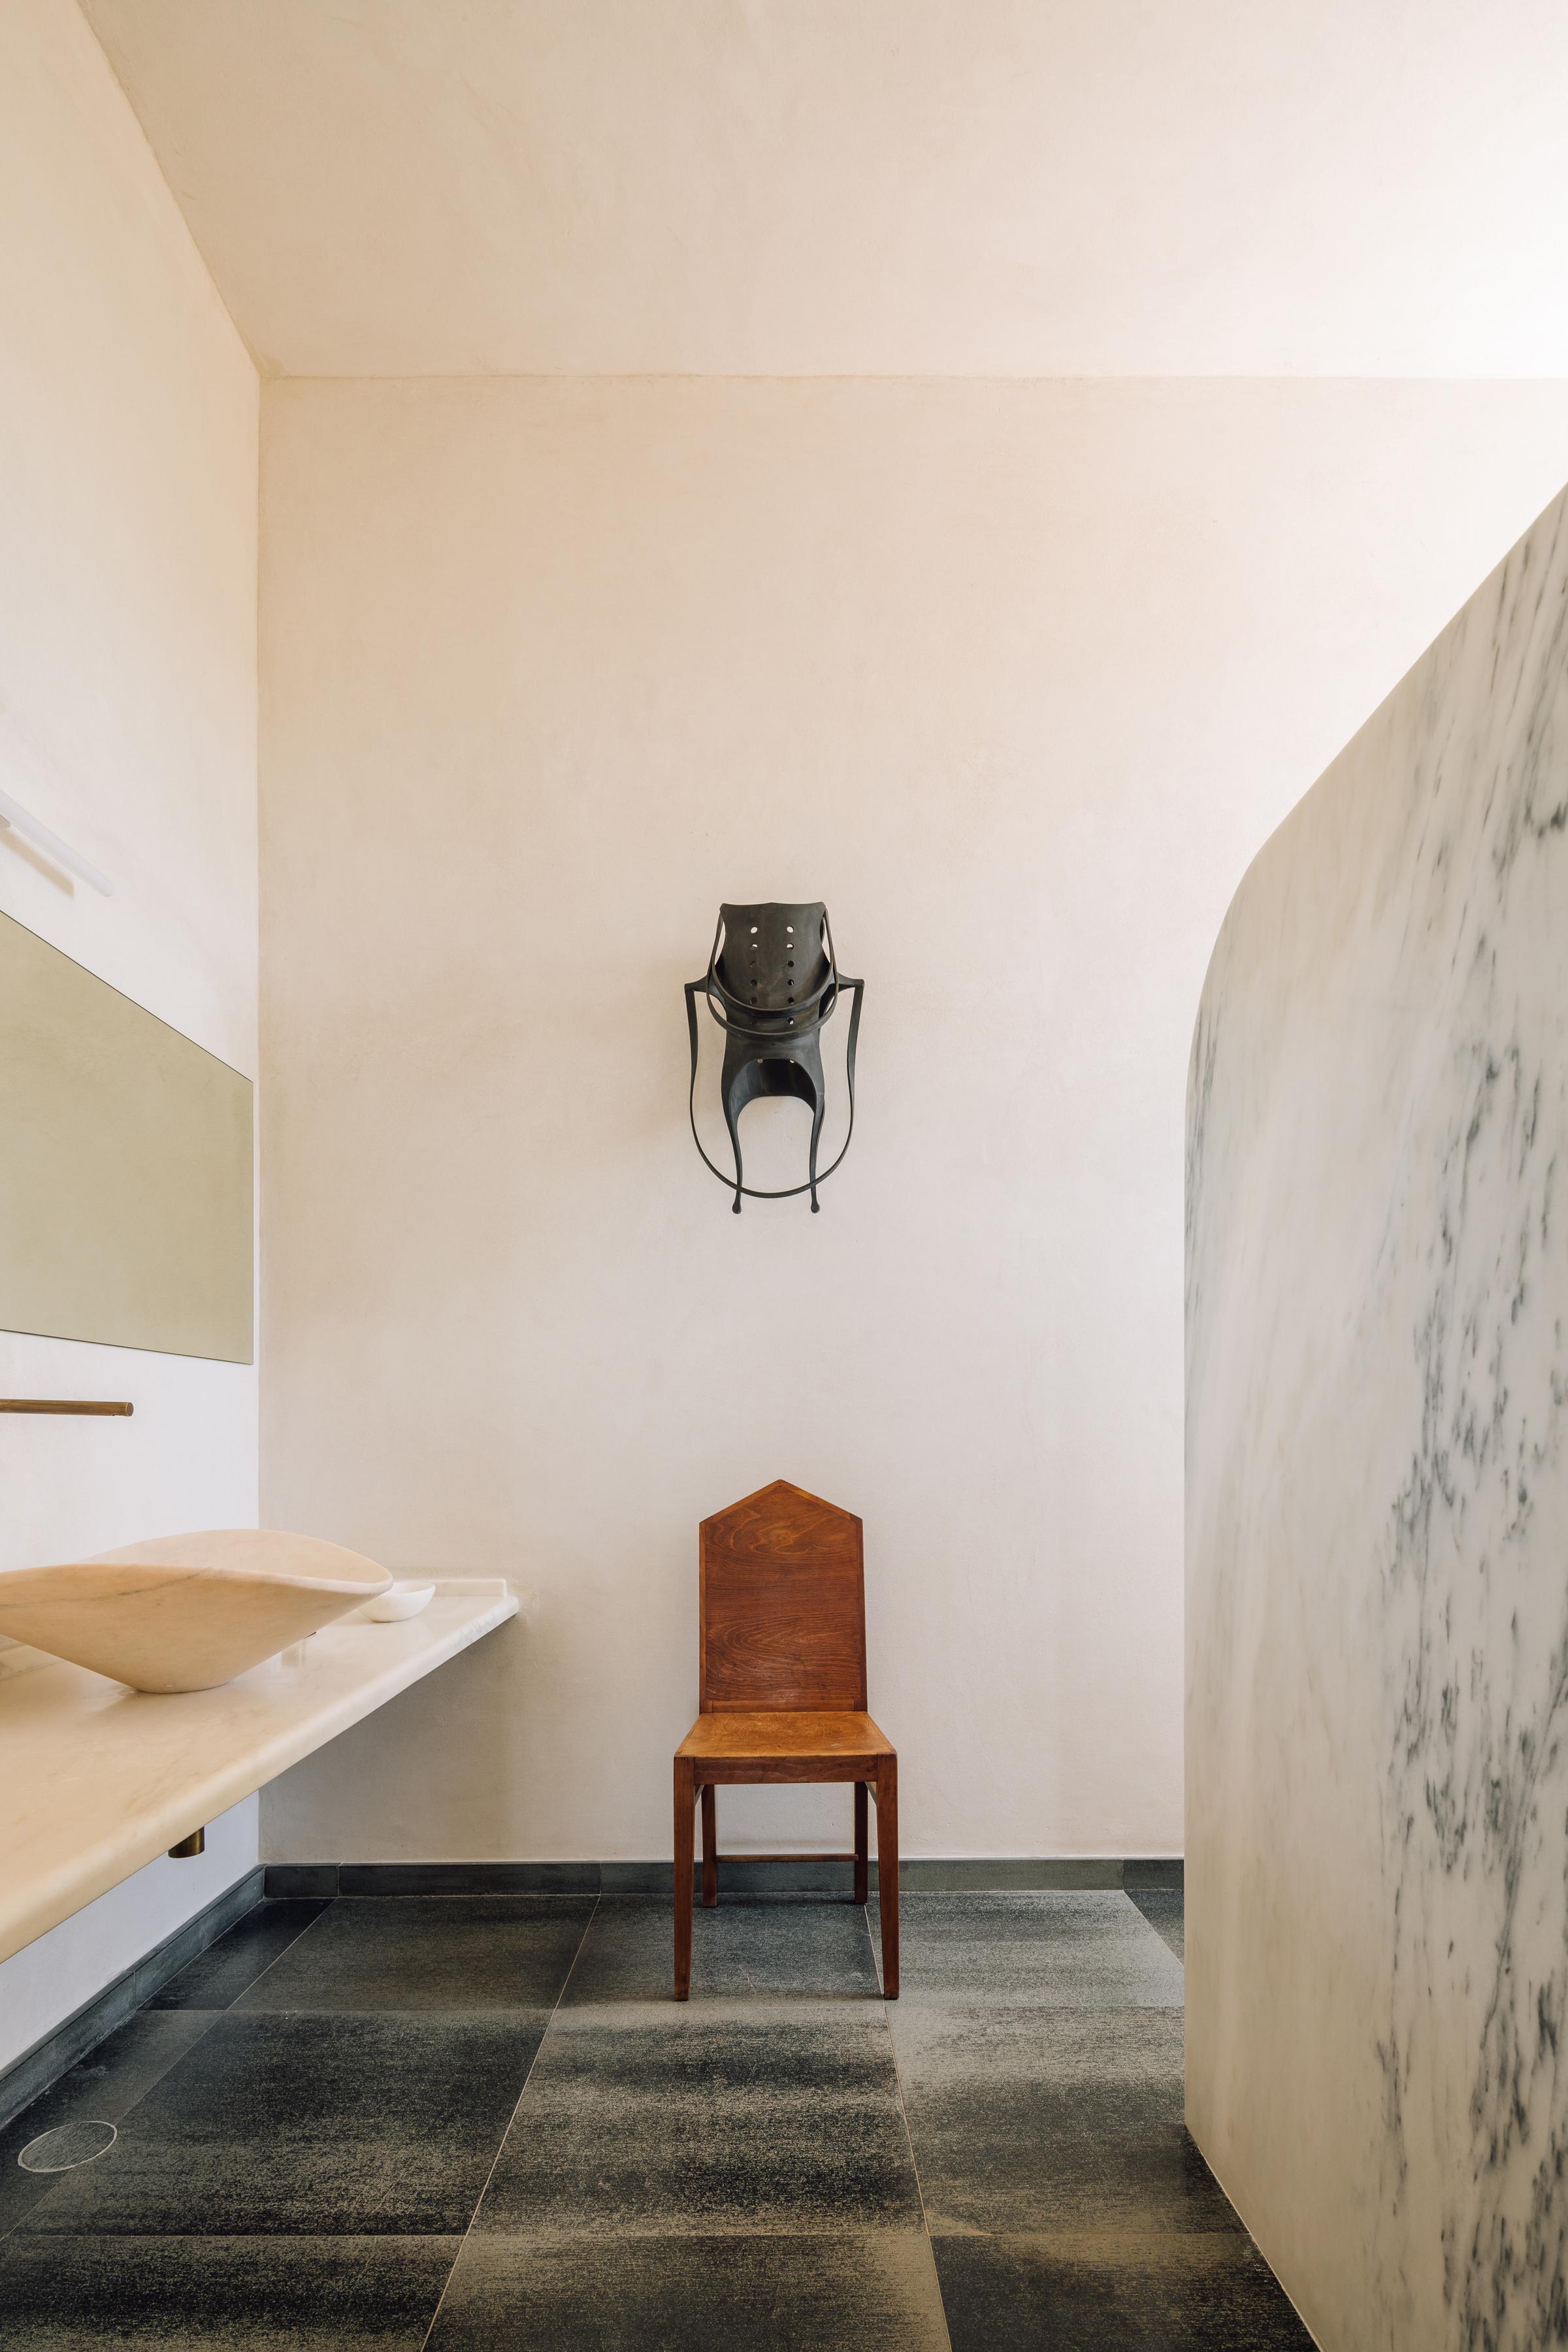 dalicenca-pt-stay-room-mybed-2.jp